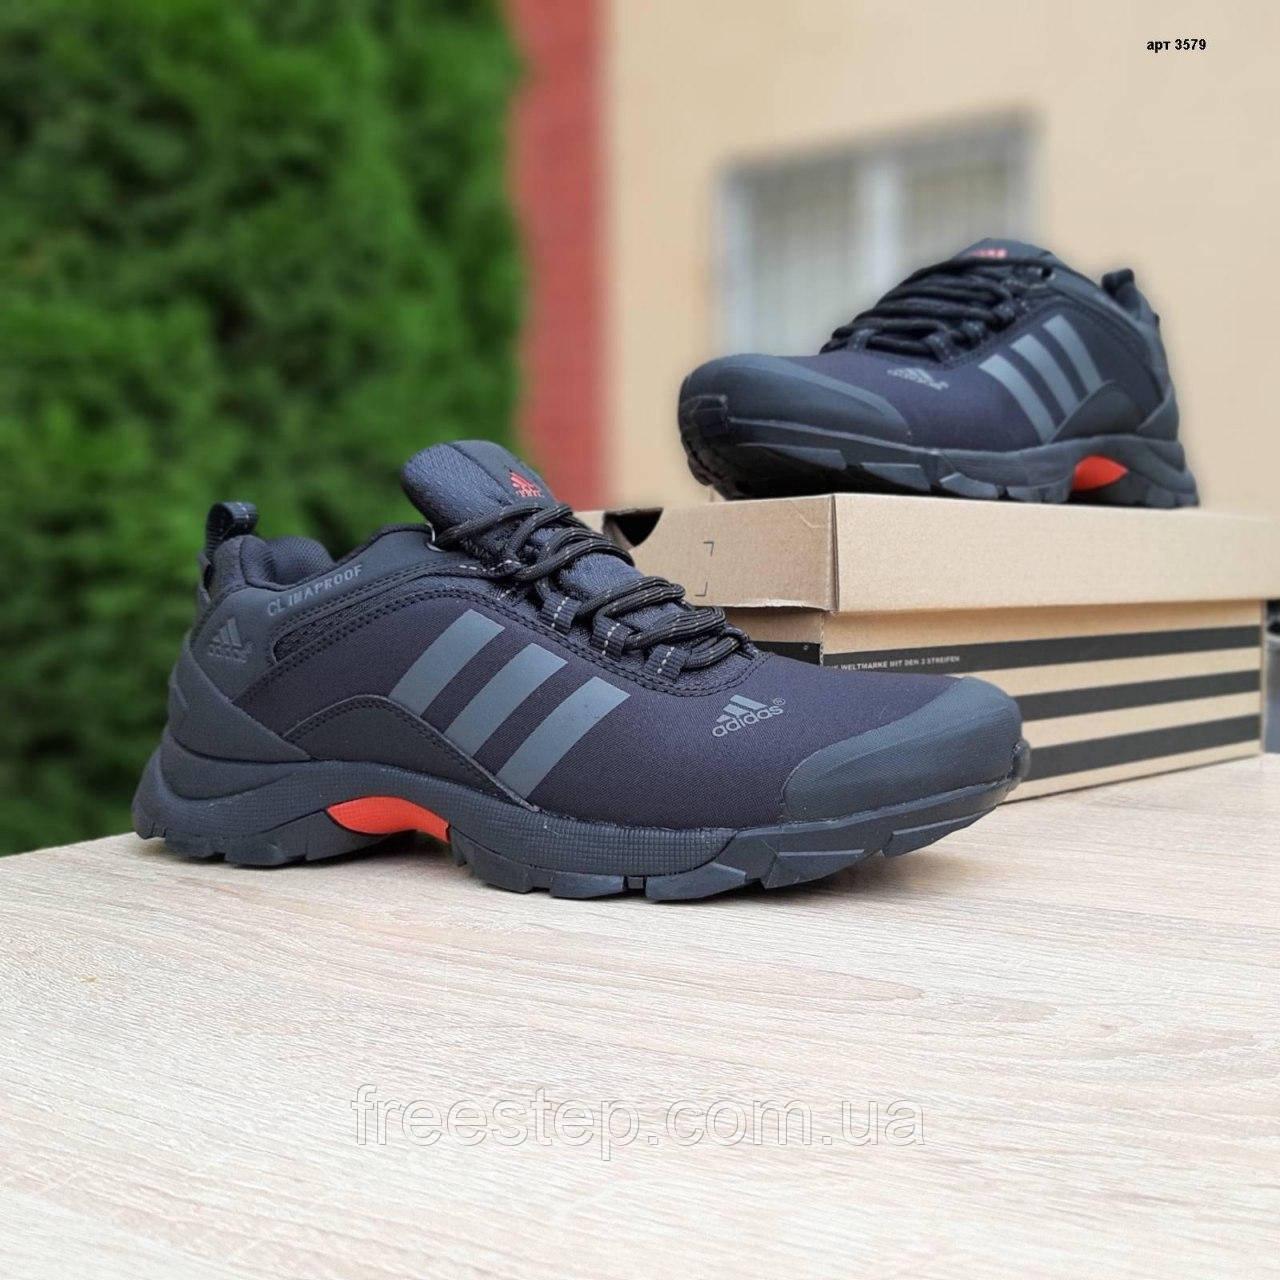 Чоловічі зимові кросівки чорні Climaproof